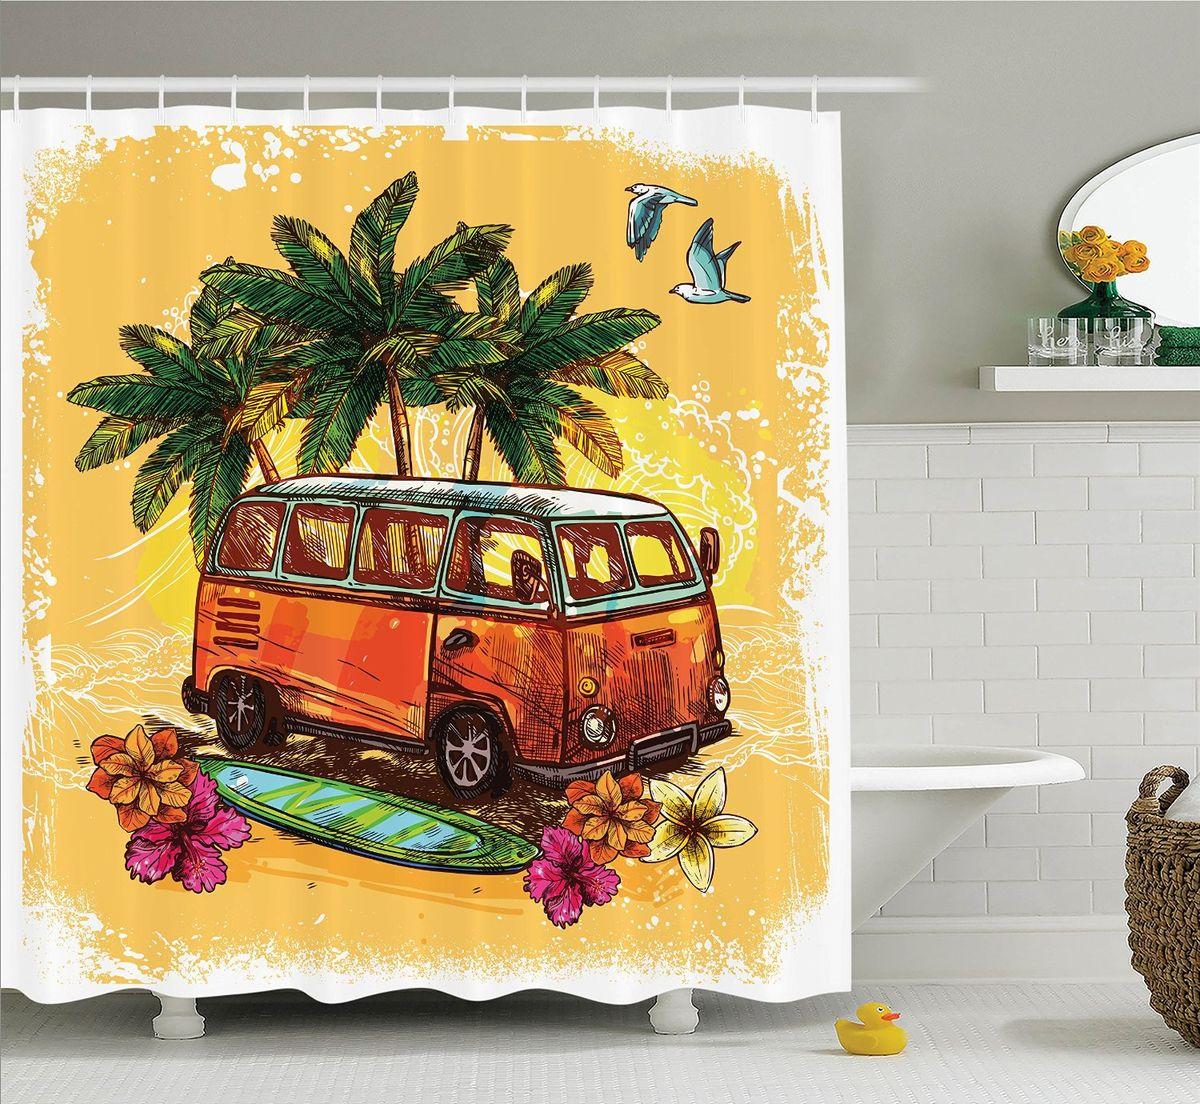 """Штора Magic Lady """"Оранжевый автобус"""", изготовленная из высококачественного сатена (полиэстер 100%), отлично дополнит любой интерьер ванной комнаты. При изготовлении используются специальные гипоаллергенные чернила для прямой печати по ткани, безопасные для человека.    В комплекте: 1 штора, 12 крючков. Обращаем ваше внимание, фактический цвет изделия может незначительно отличаться от представленного на фото."""